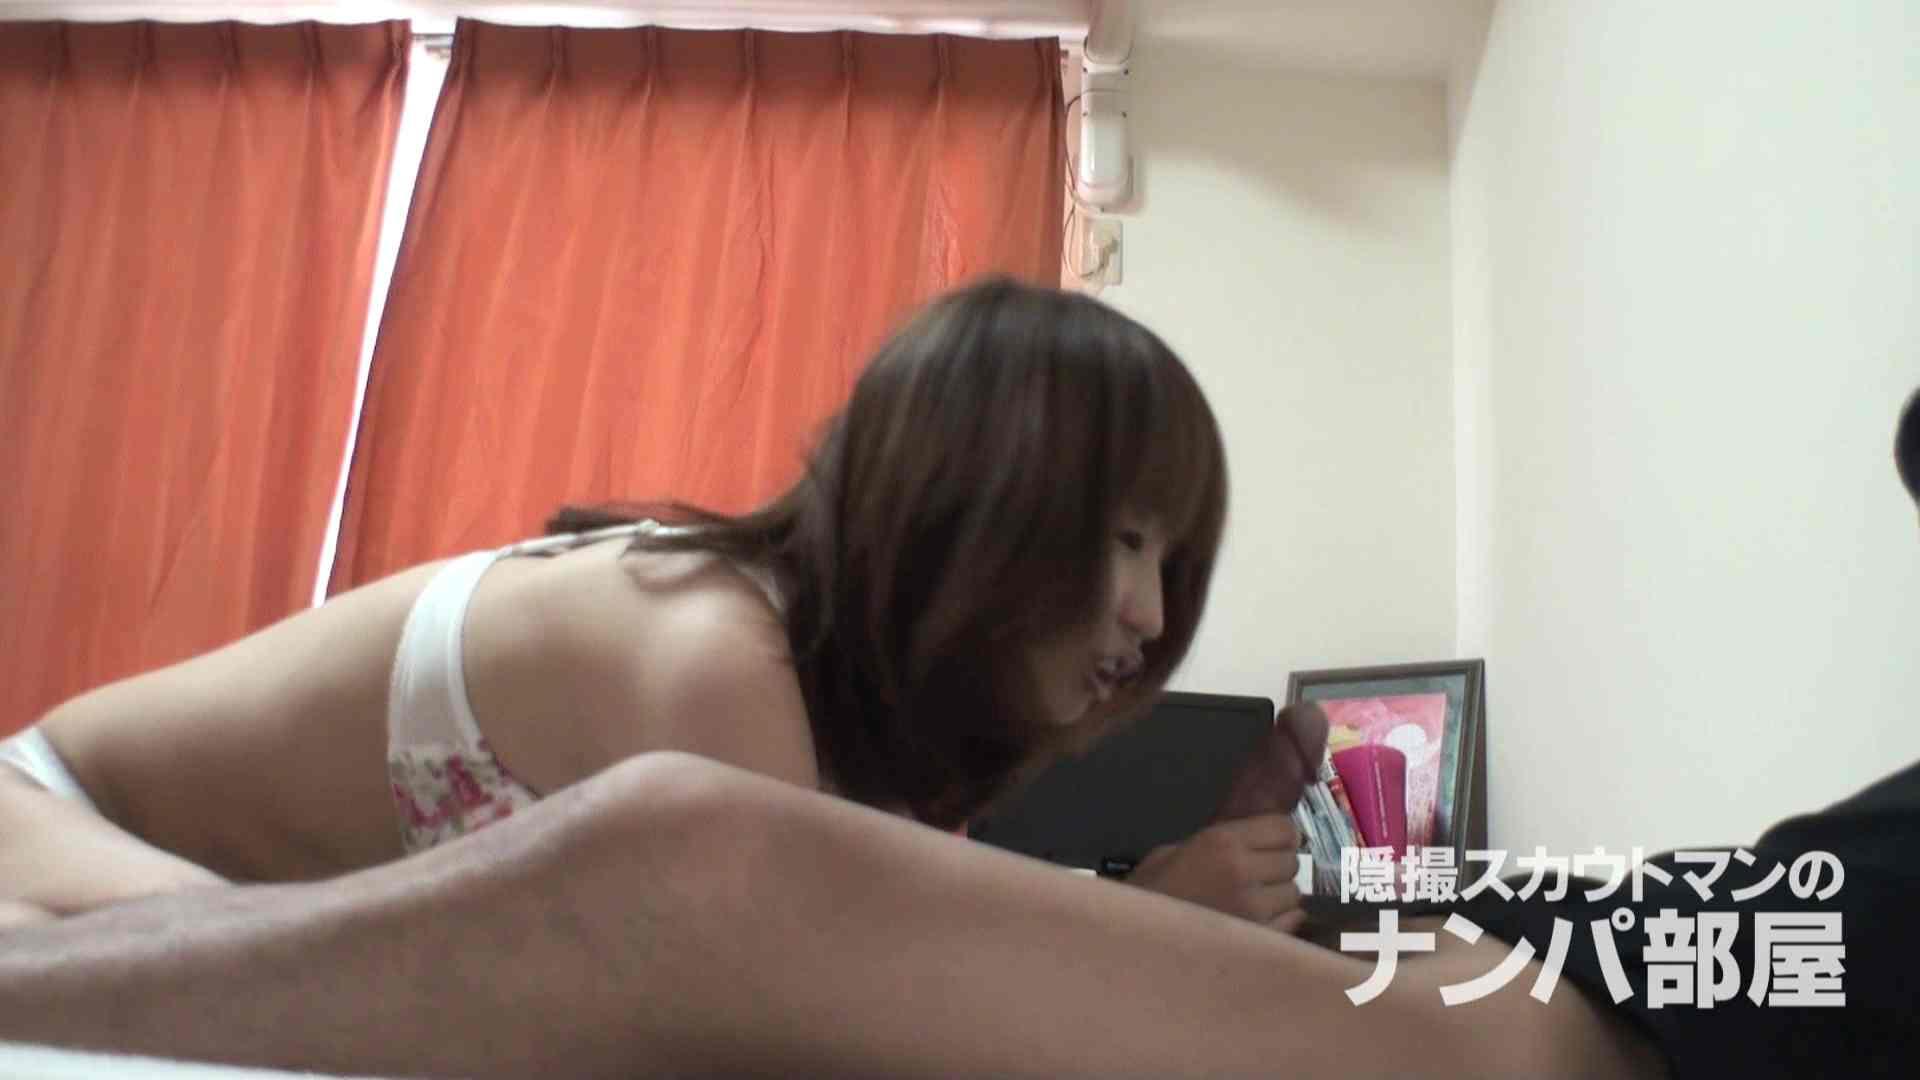 隠撮スカウトマンのナンパ部屋~風俗デビュー前のつまみ食い~ siivol.2 ナンパ AV無料 110枚 95